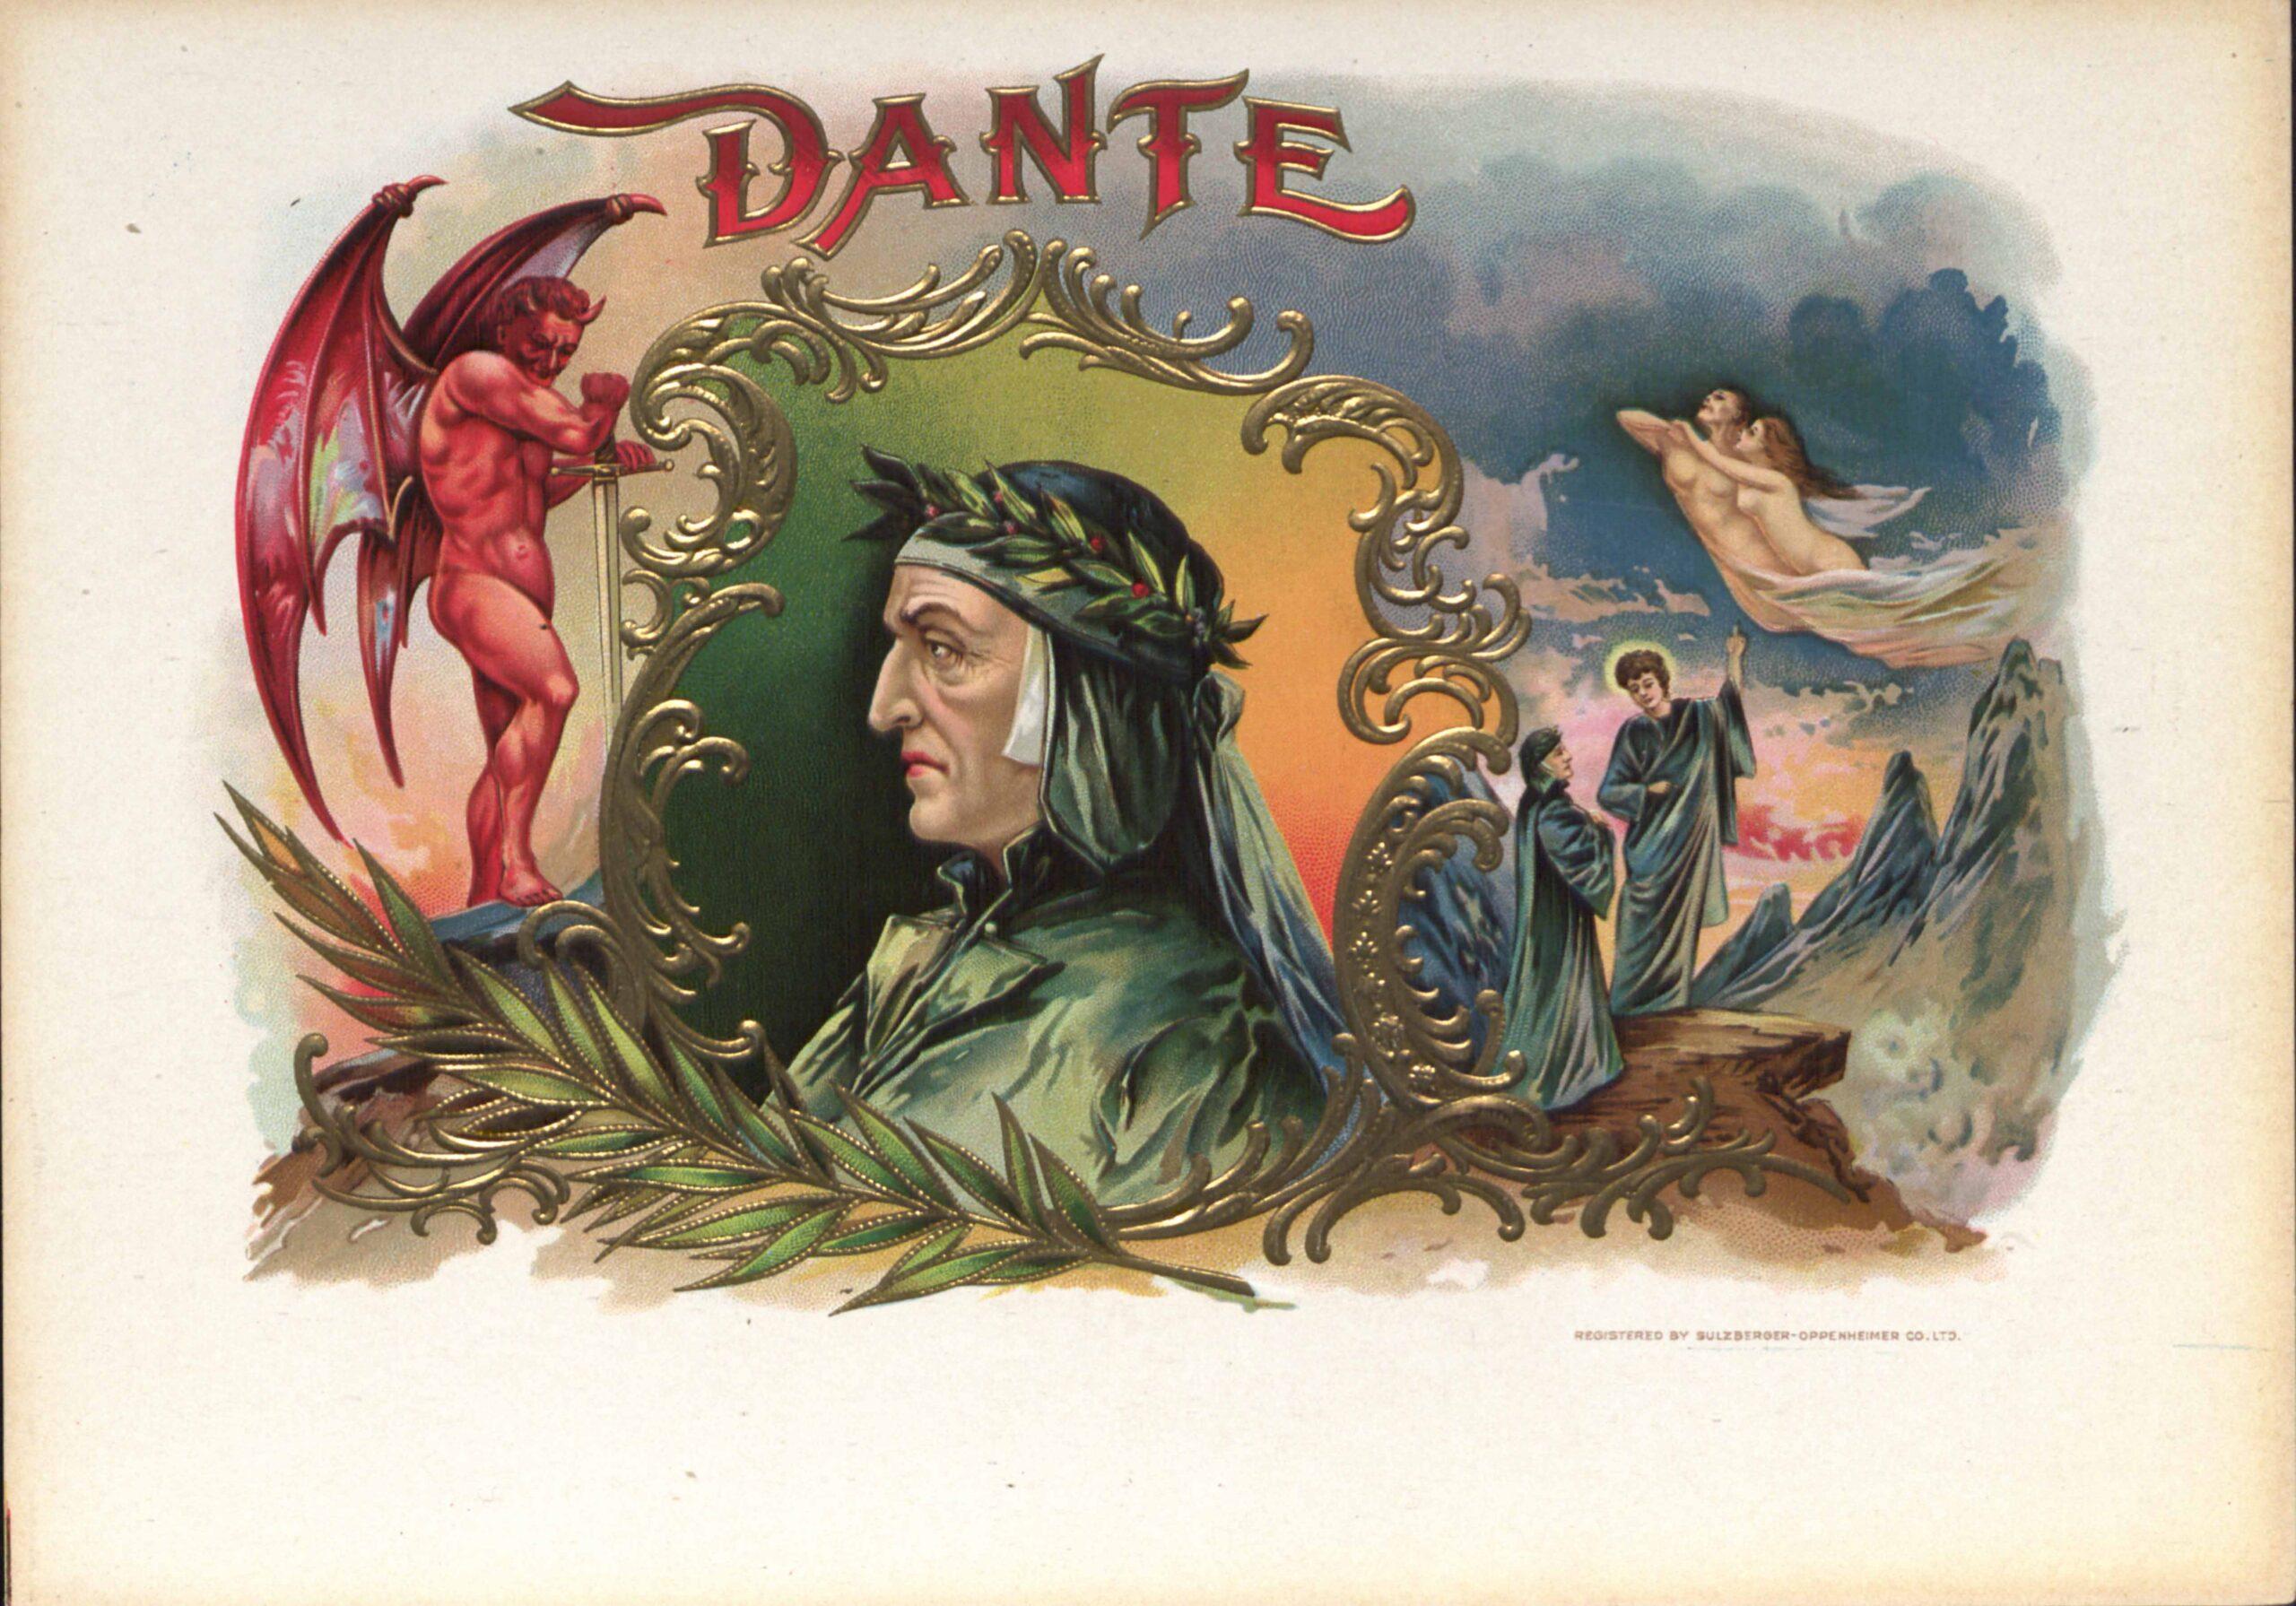 Film, fumetti, poesie, pubblicità. A Ravenna si racconta l'epopea popolare di Dante, dal 1300 fino a oggi